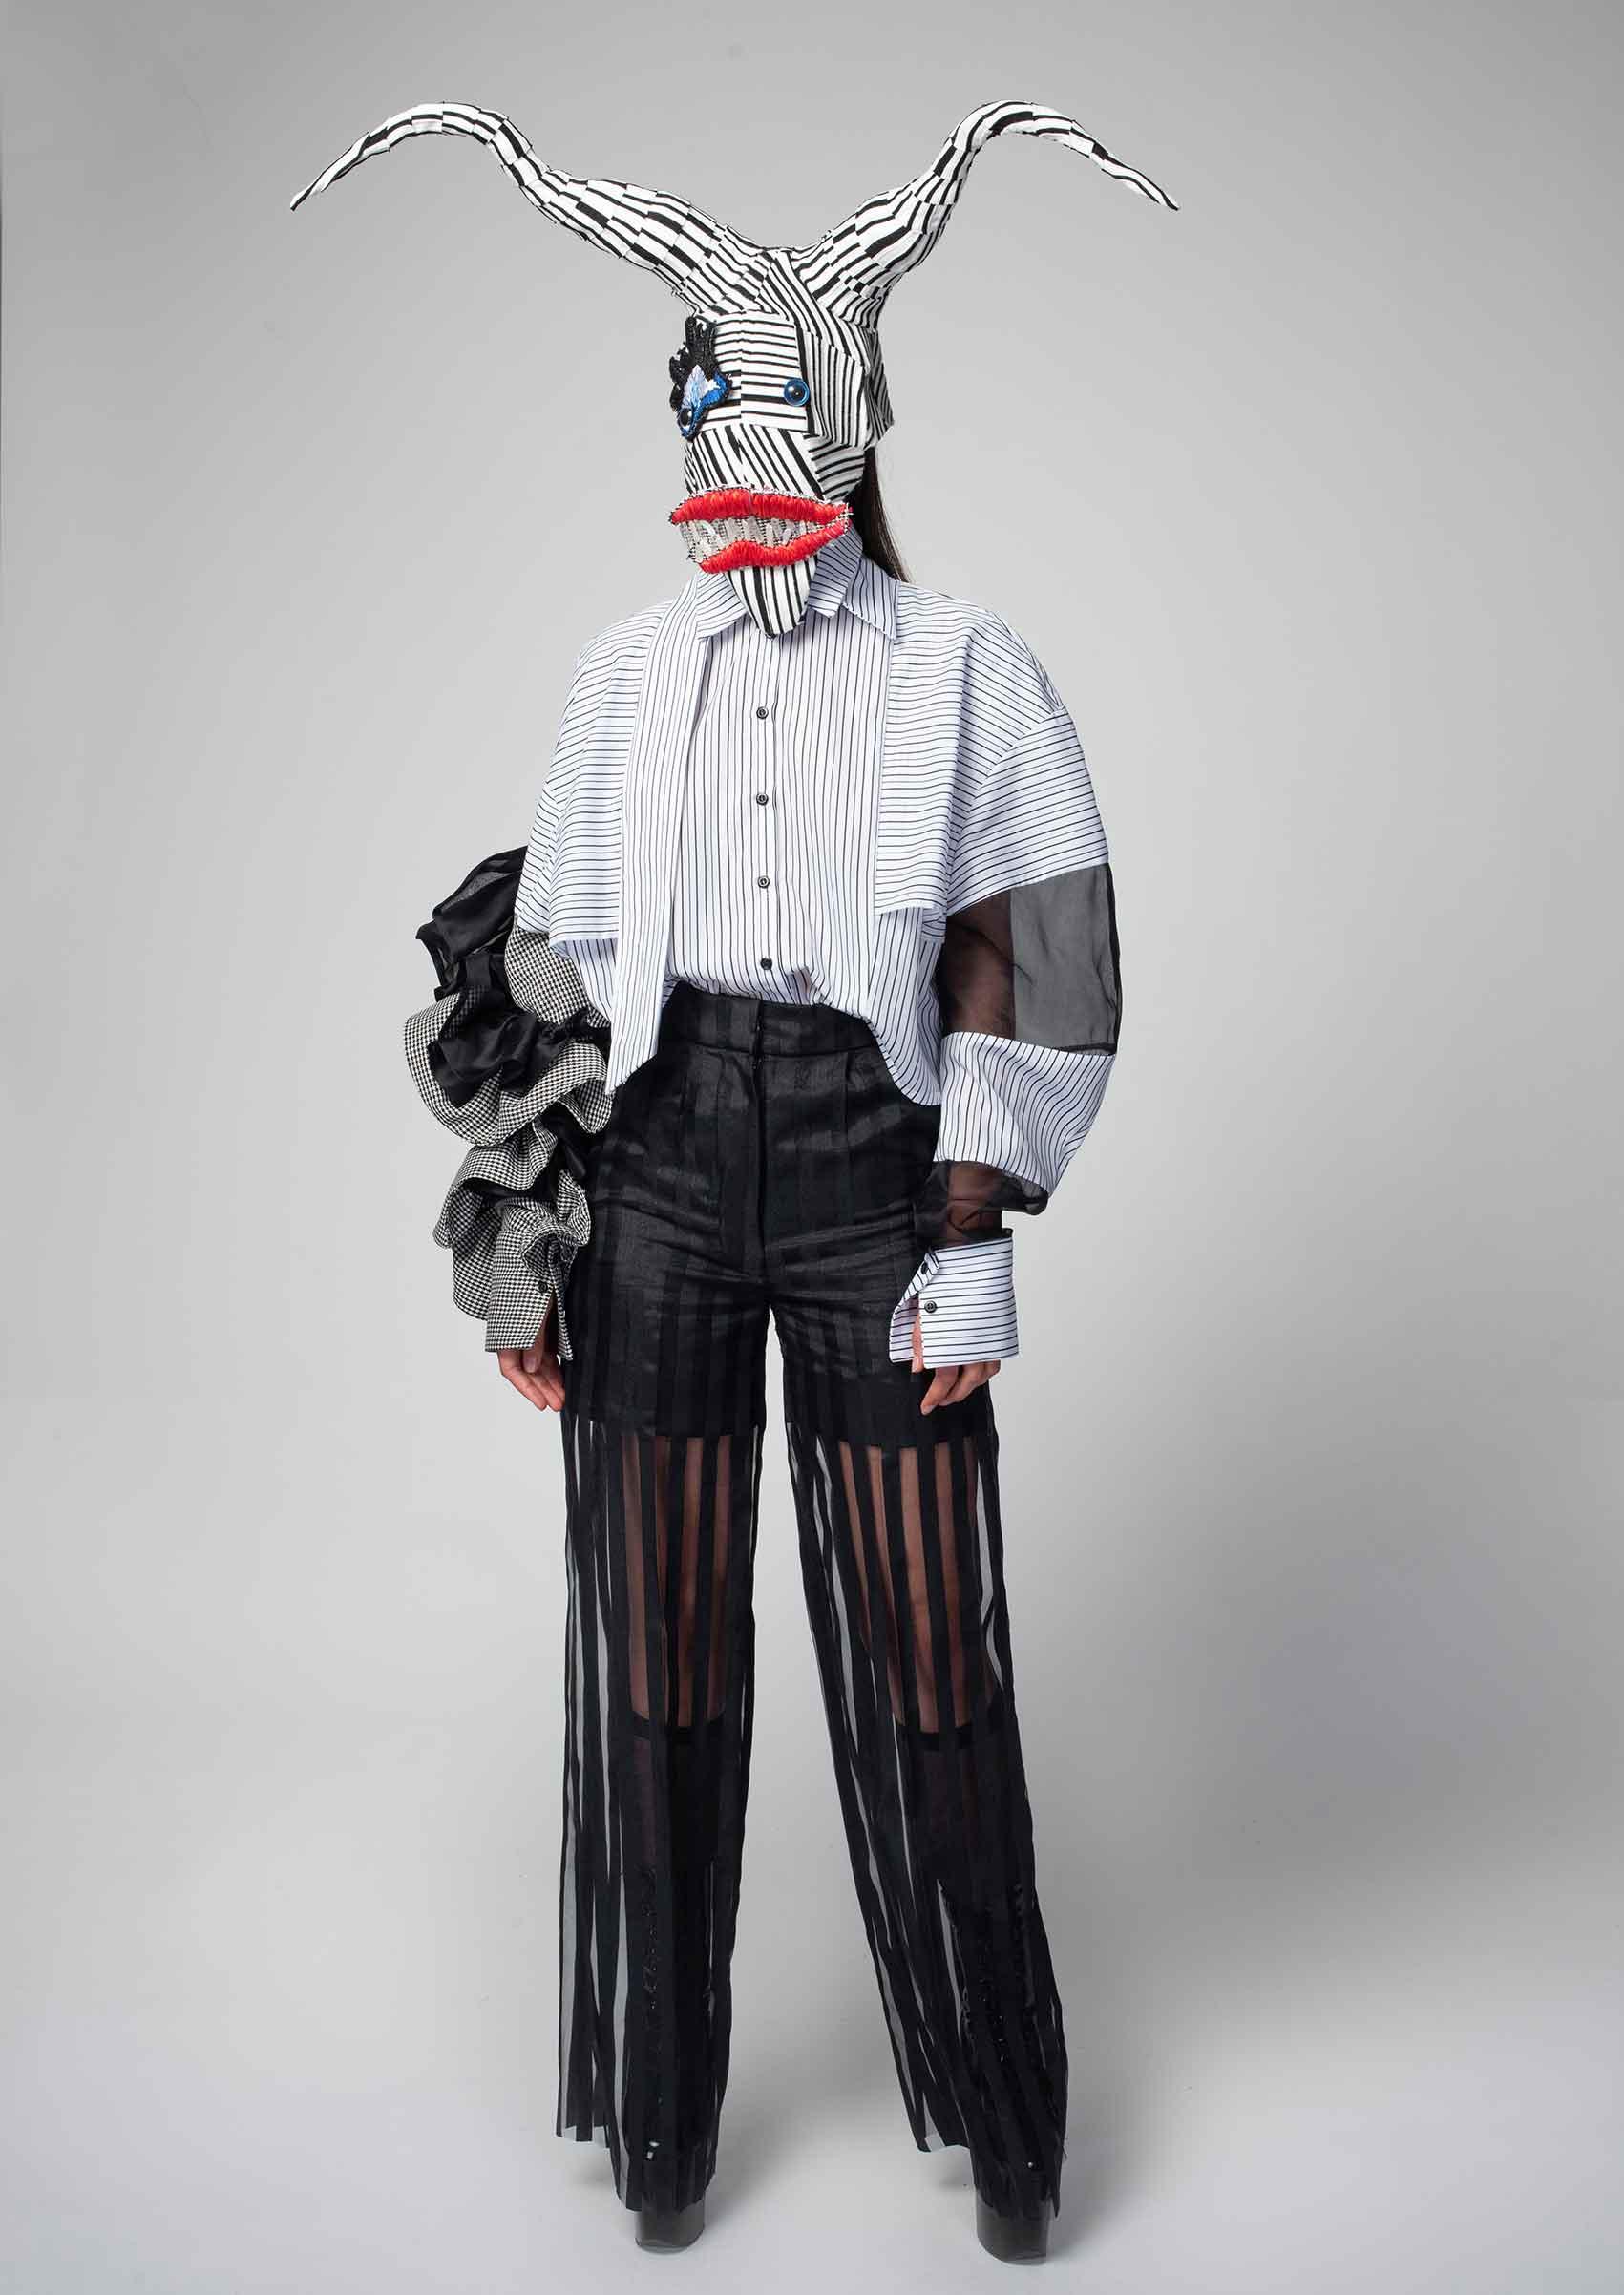 הפרעה נפשית - נטע אילוז, המרכז האקדמי ויצו חיפה, אופנה ישראלית